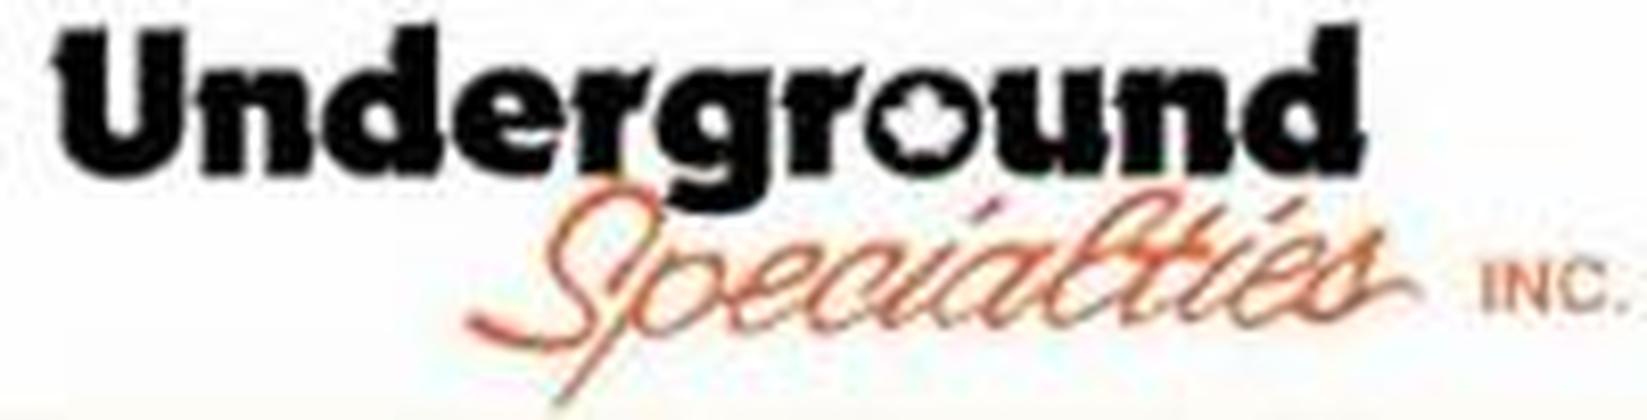 Underground Specialties Inc company